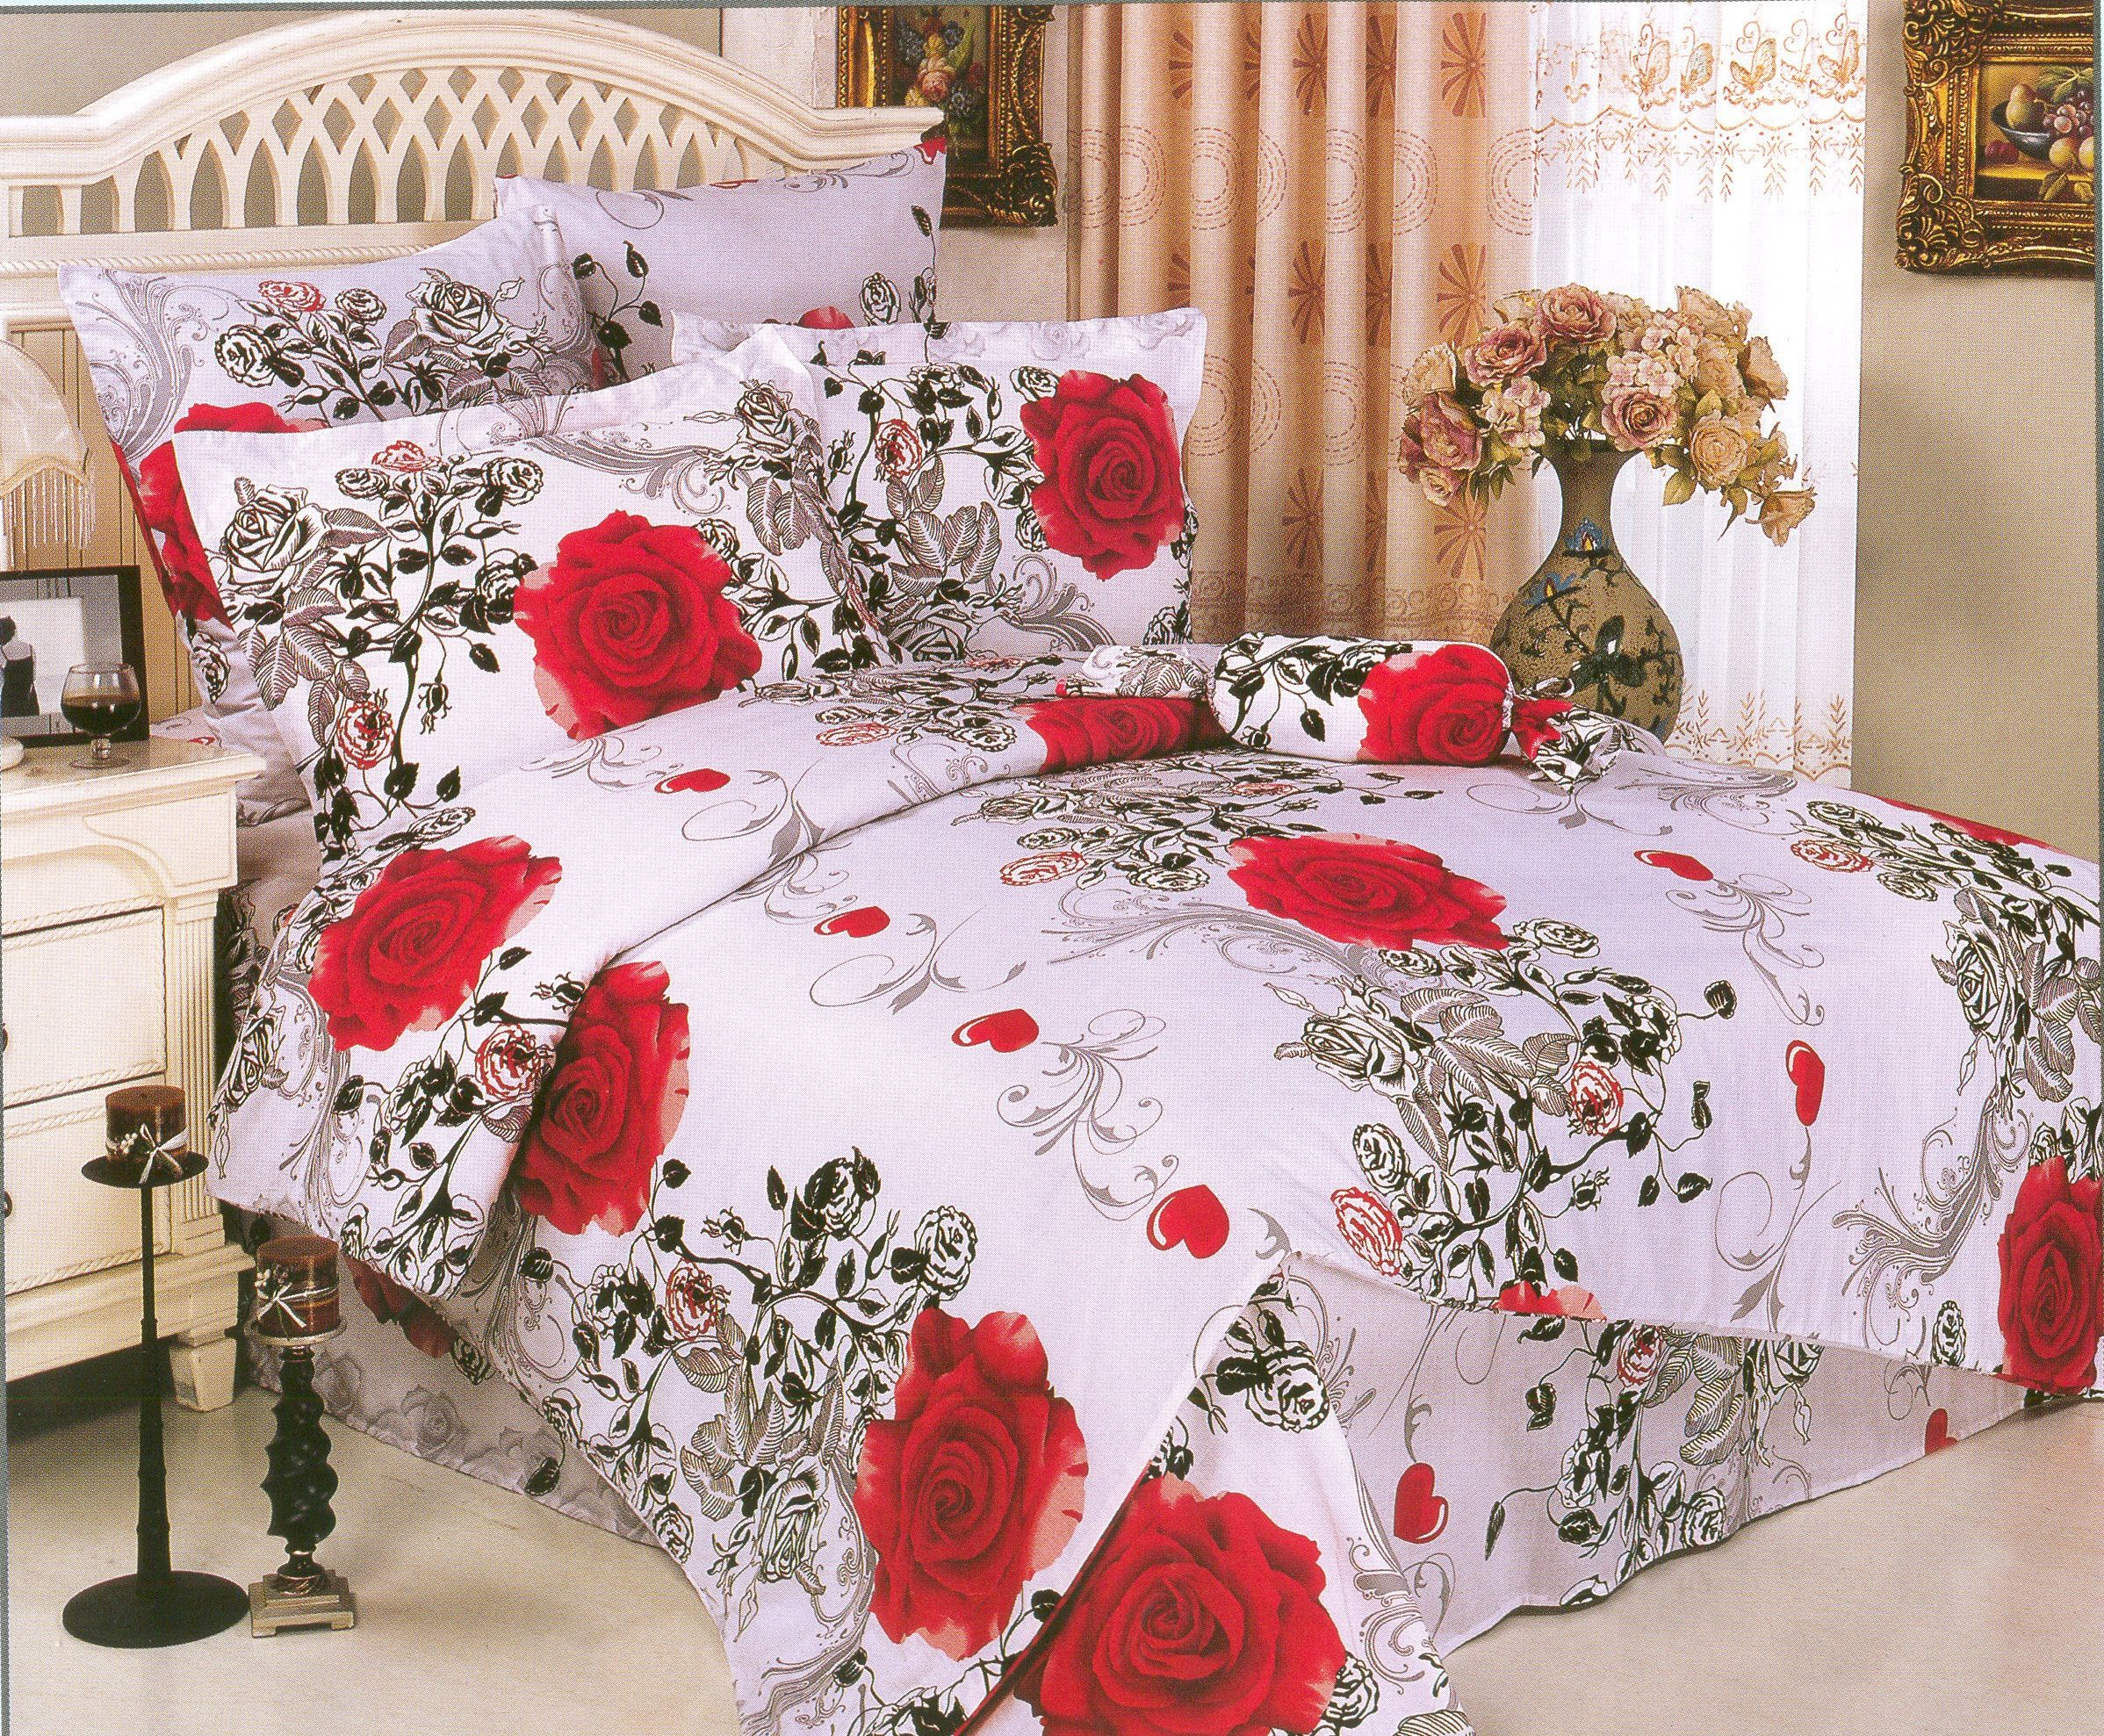 Купить Комплекты постельного белья СайлиД, Постельное белье Ruby А/s-75 (2 сп. евро), Китай, Белый, Красный, Сиреневый, Фиолетовый, Черный, Поплин